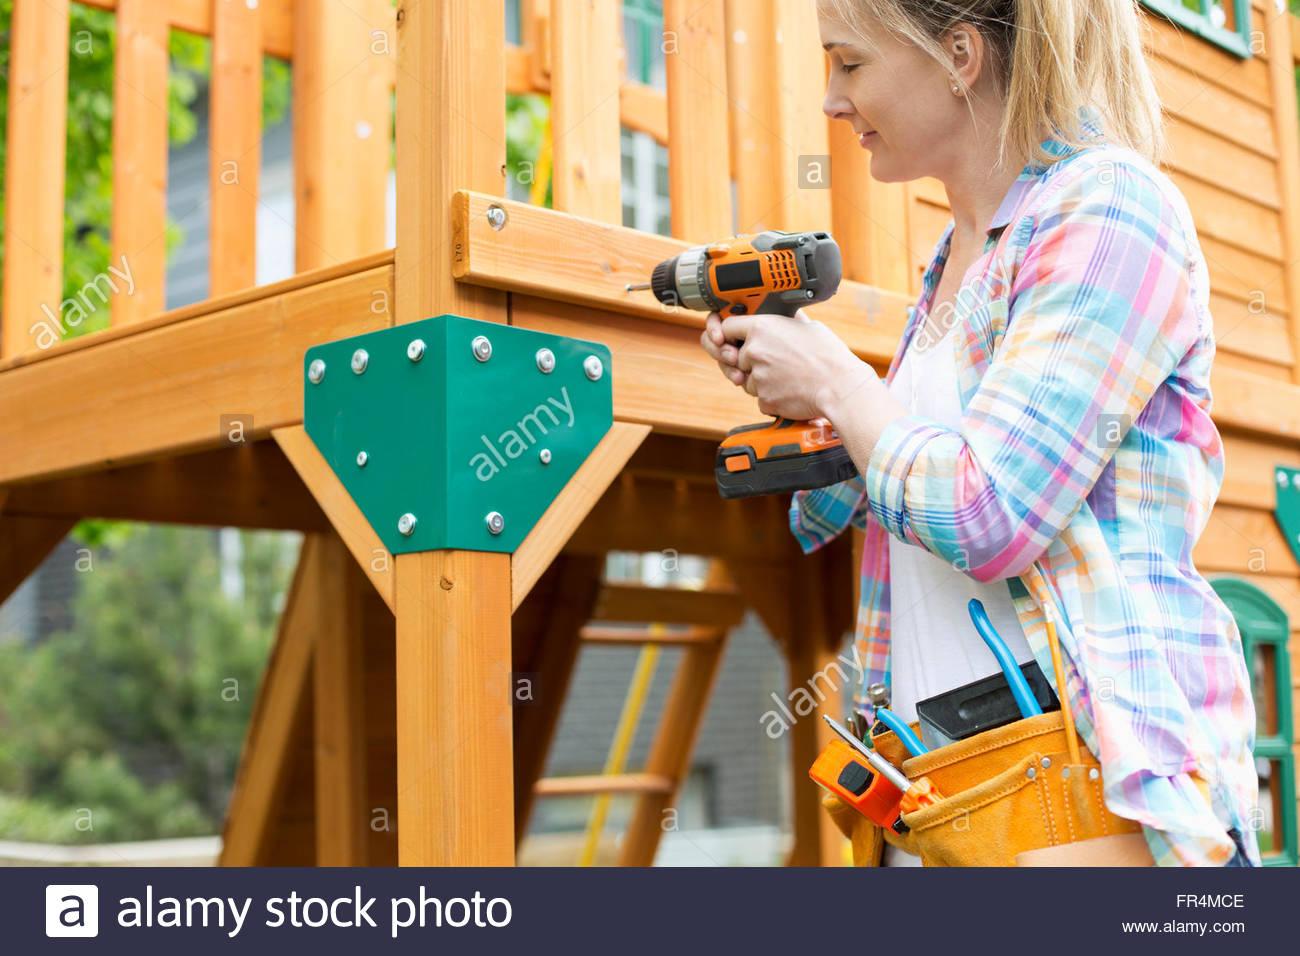 Reife Frau Holz Spiel Gebäudestruktur Stockbild